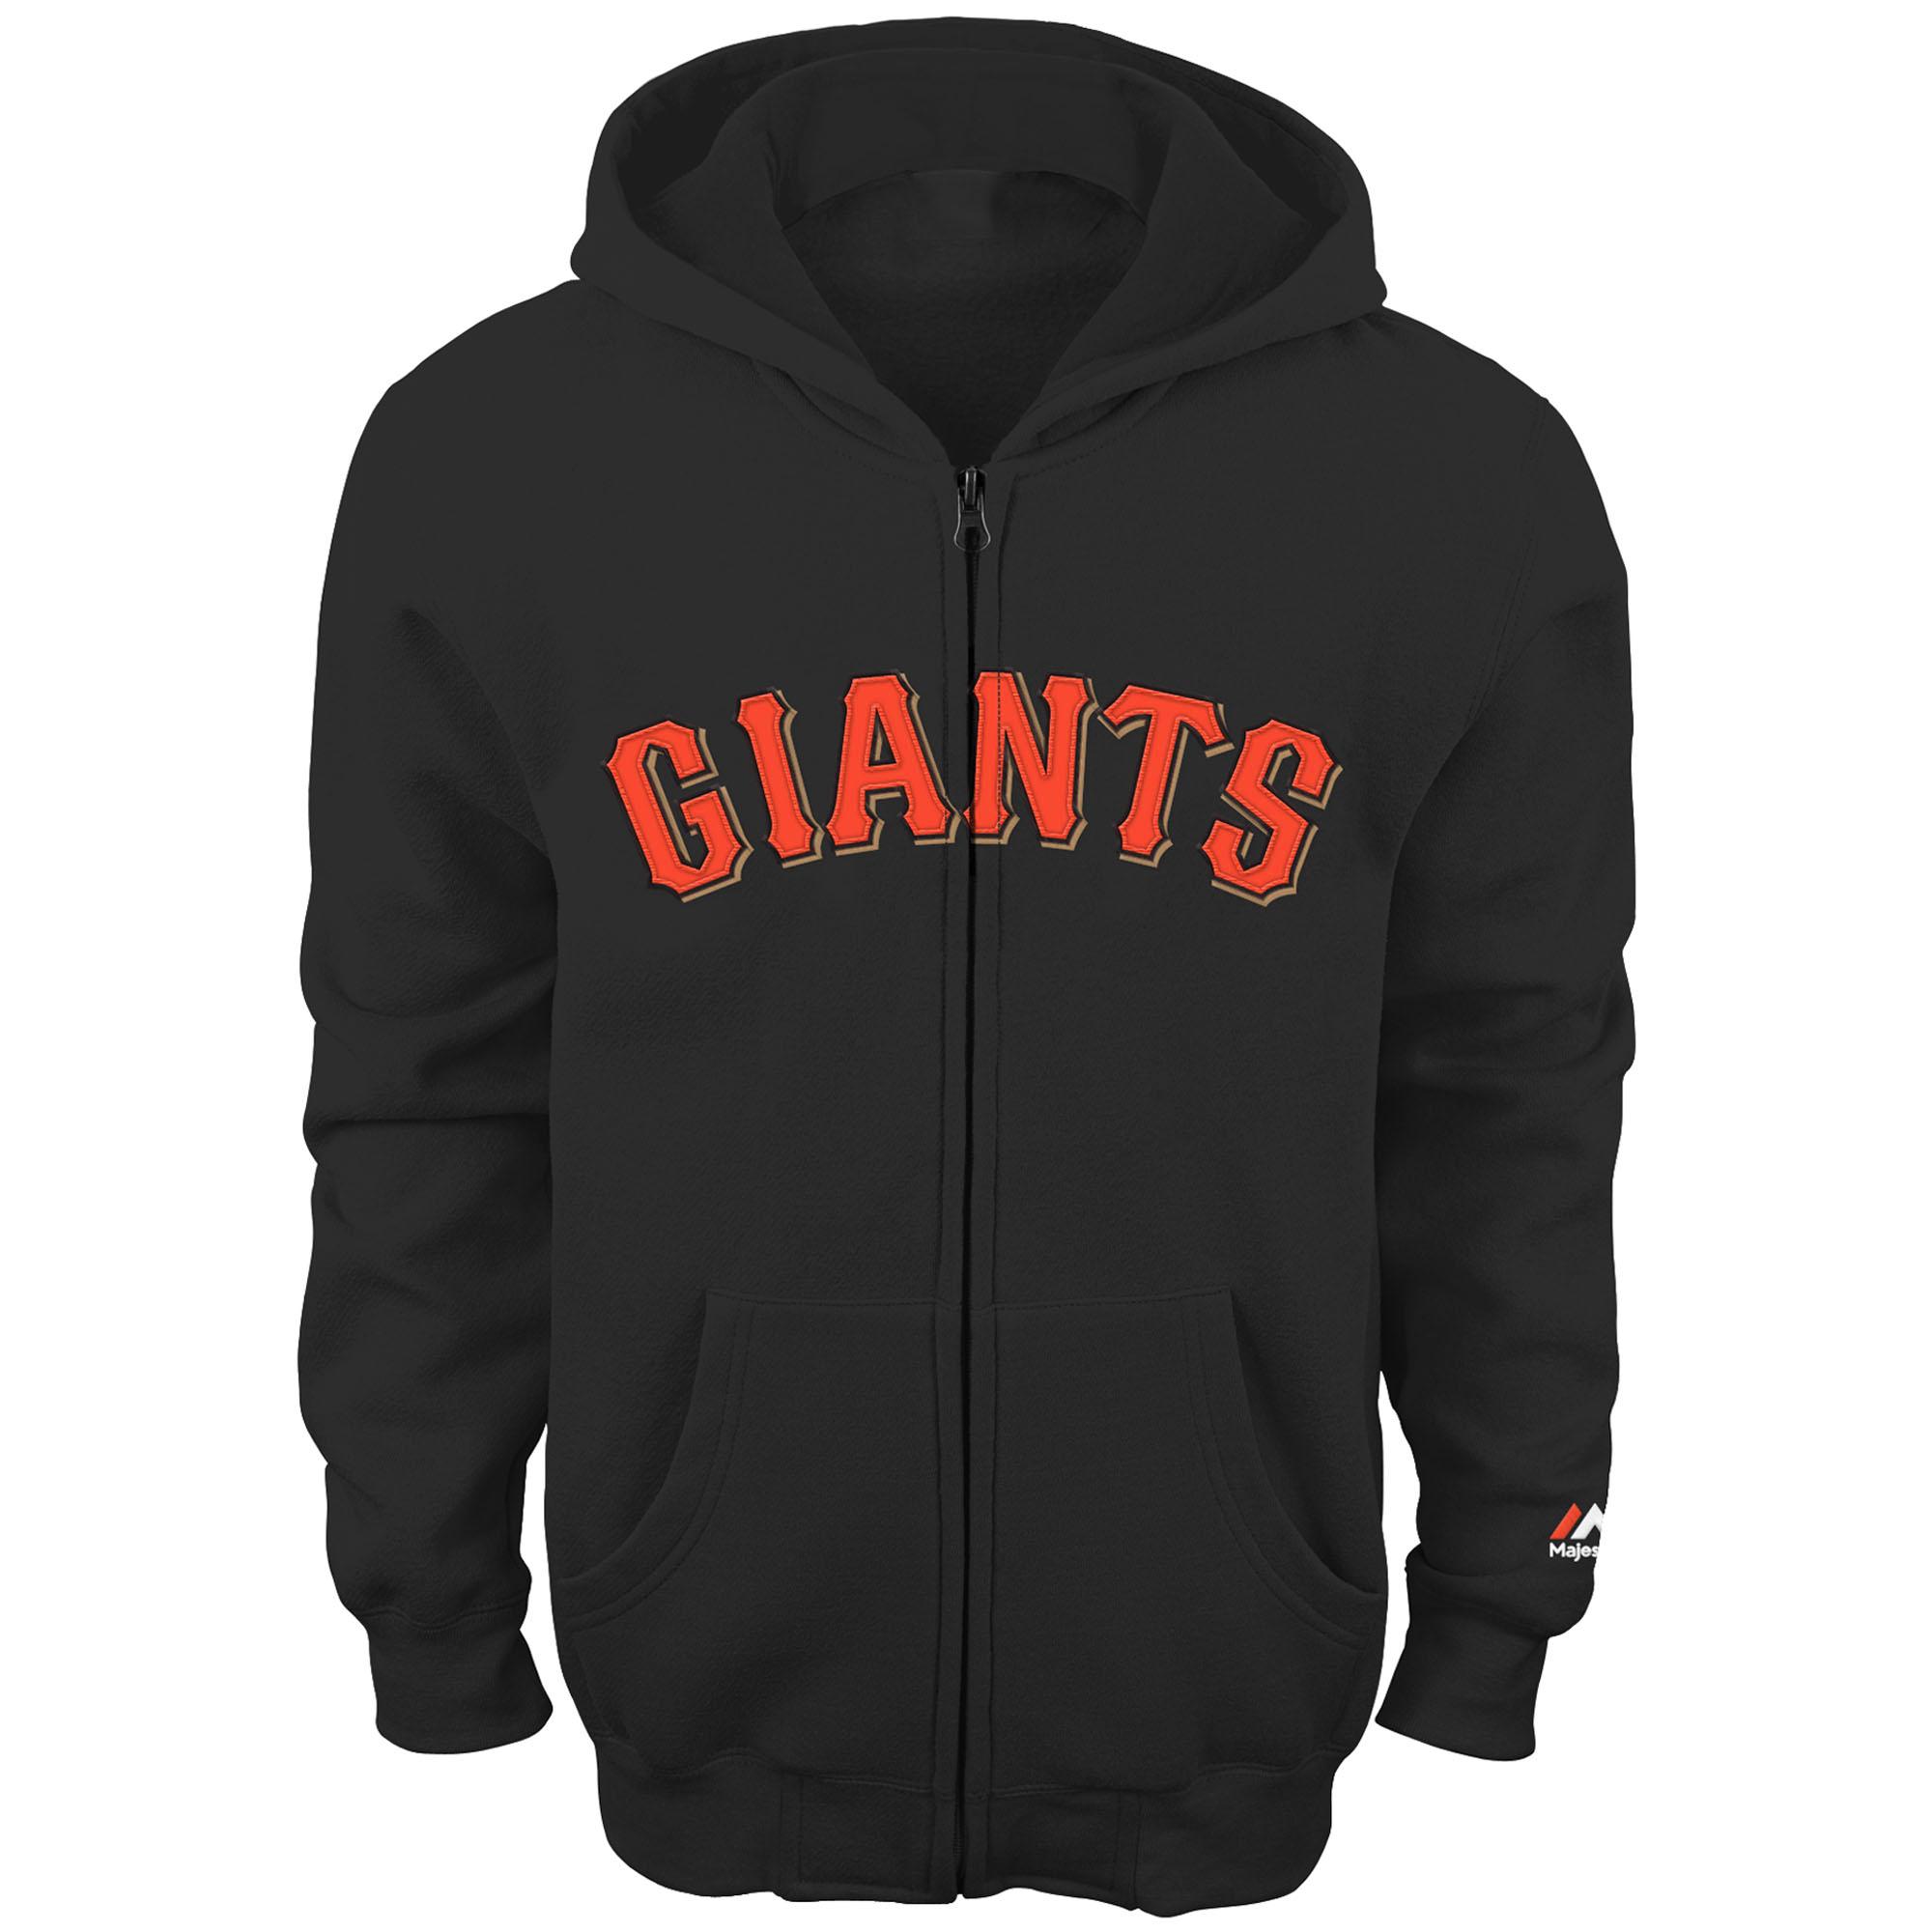 San Francisco Giants Majestic Youth Team Wordmark Full-Zip Hoodie - Black